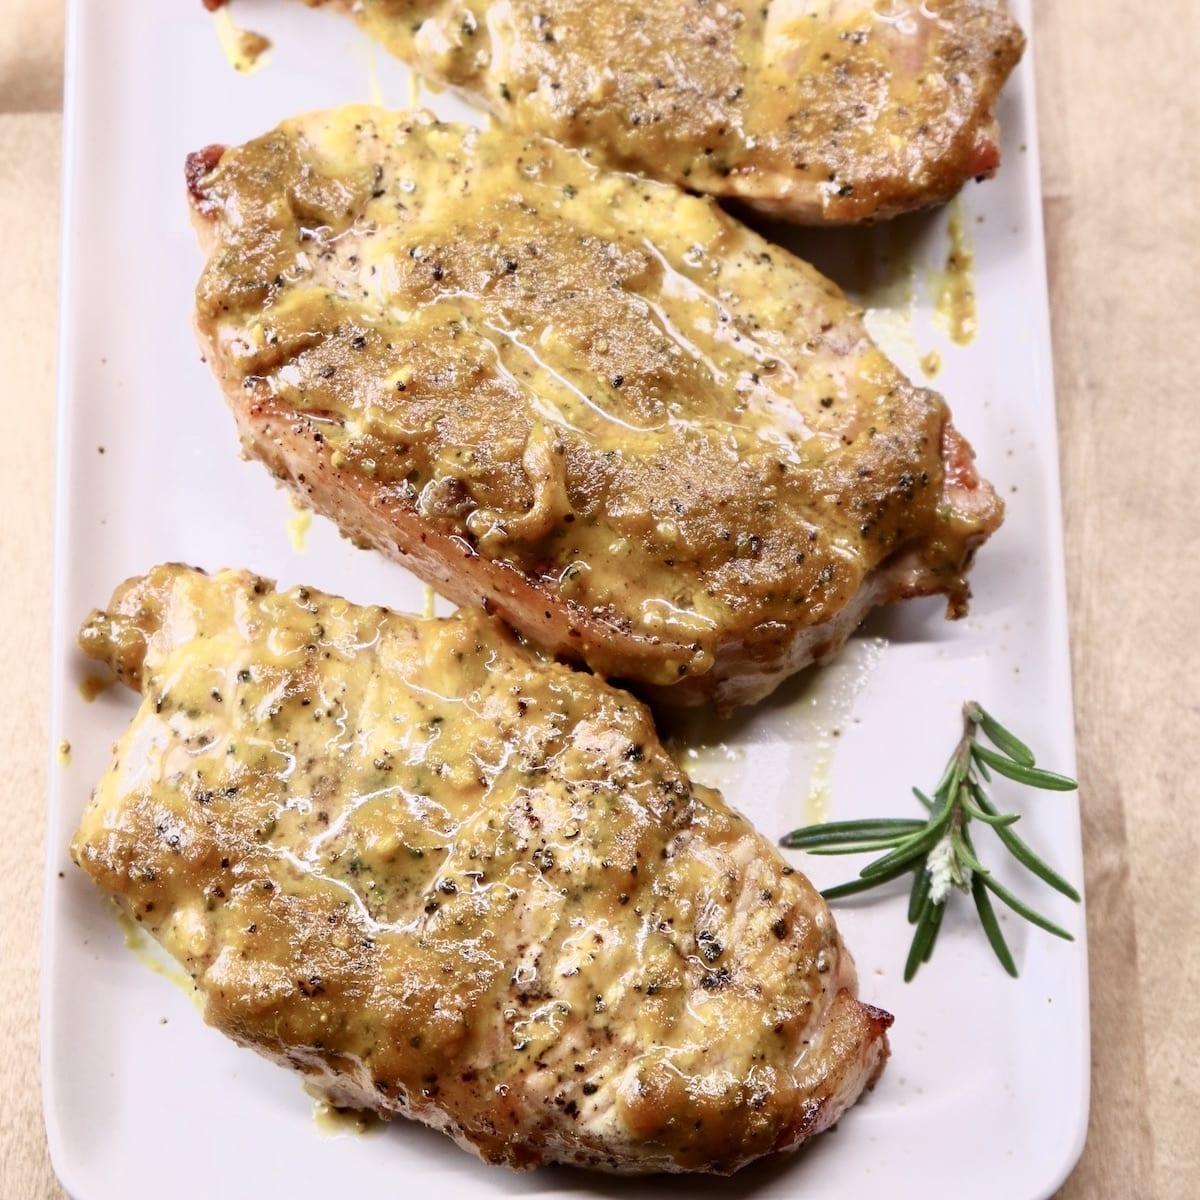 Rosemary Mustard BBQ Pork Chops on a platter